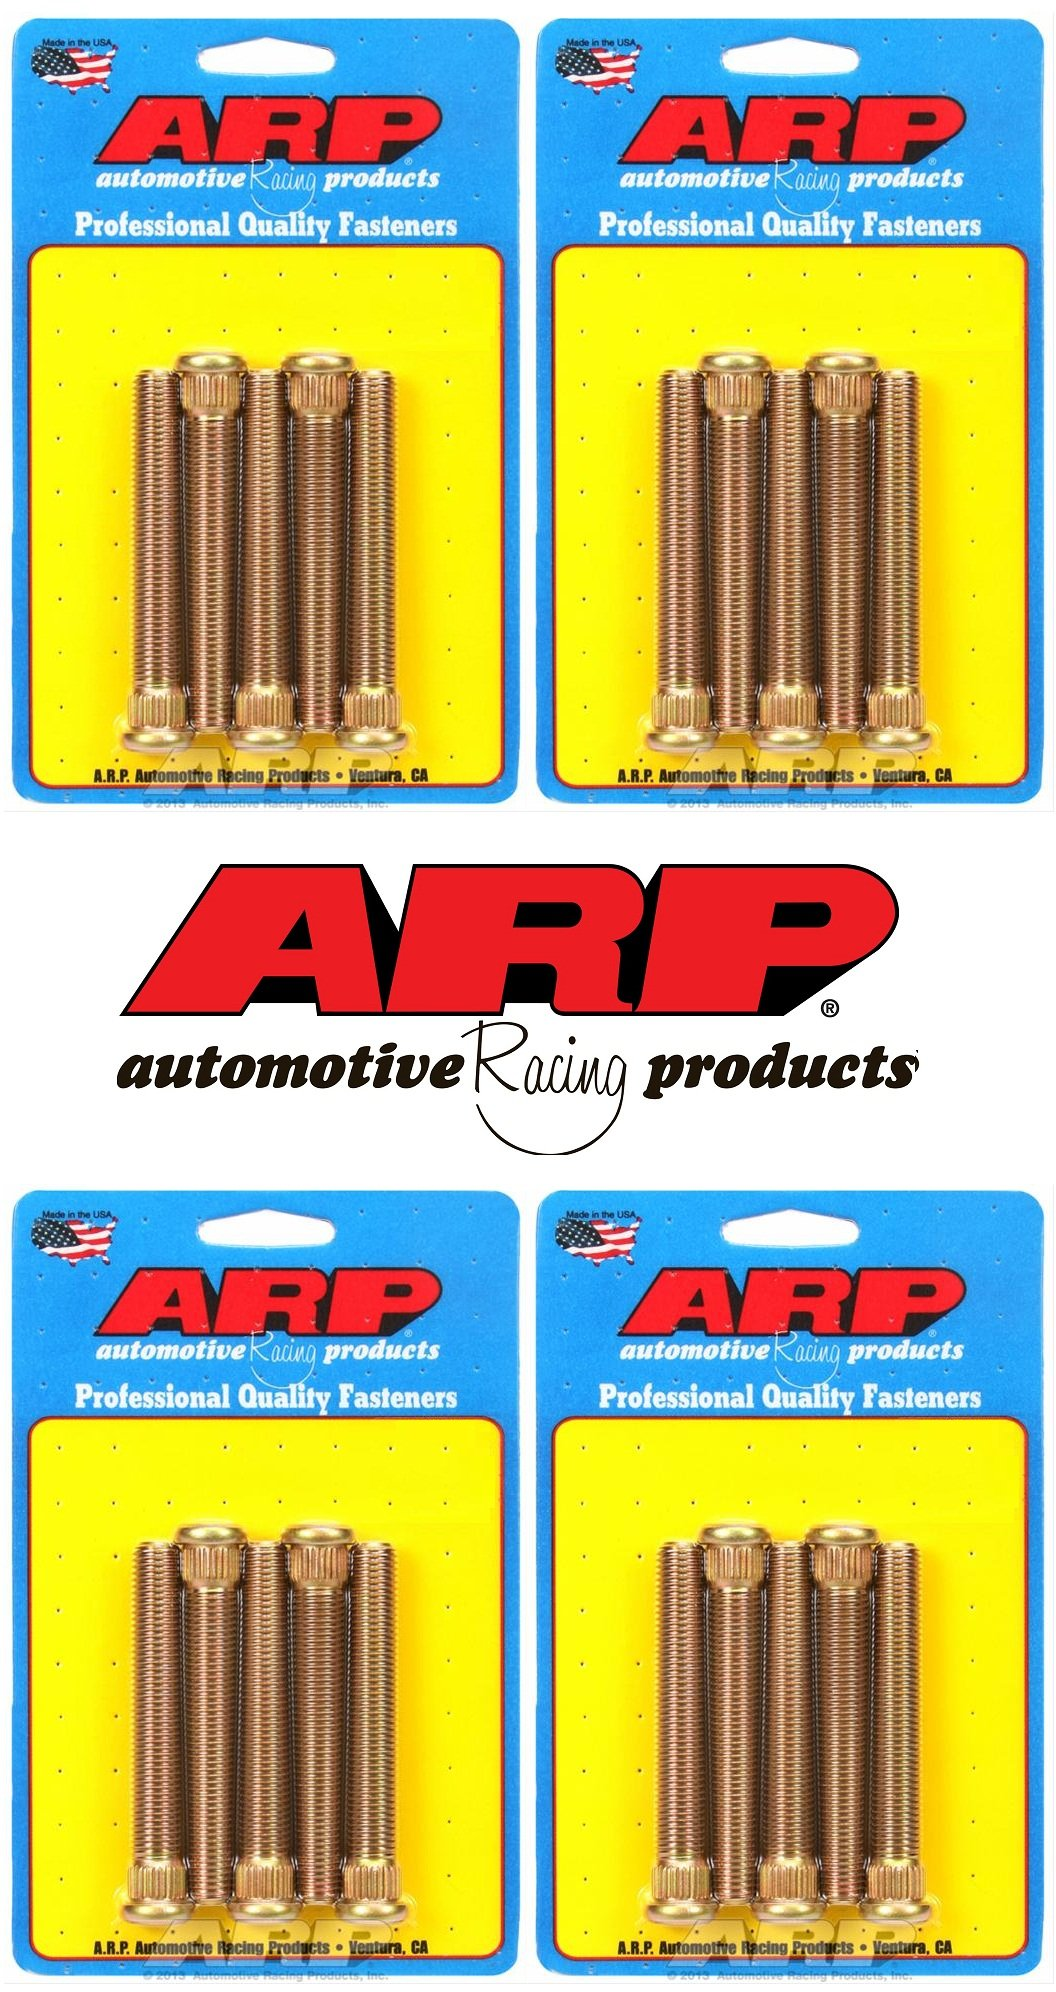 ARP Wheel Stud Kit For Corvette & Firebird, M12 X 1.50in 3.250˝ UHL (Set of 20)